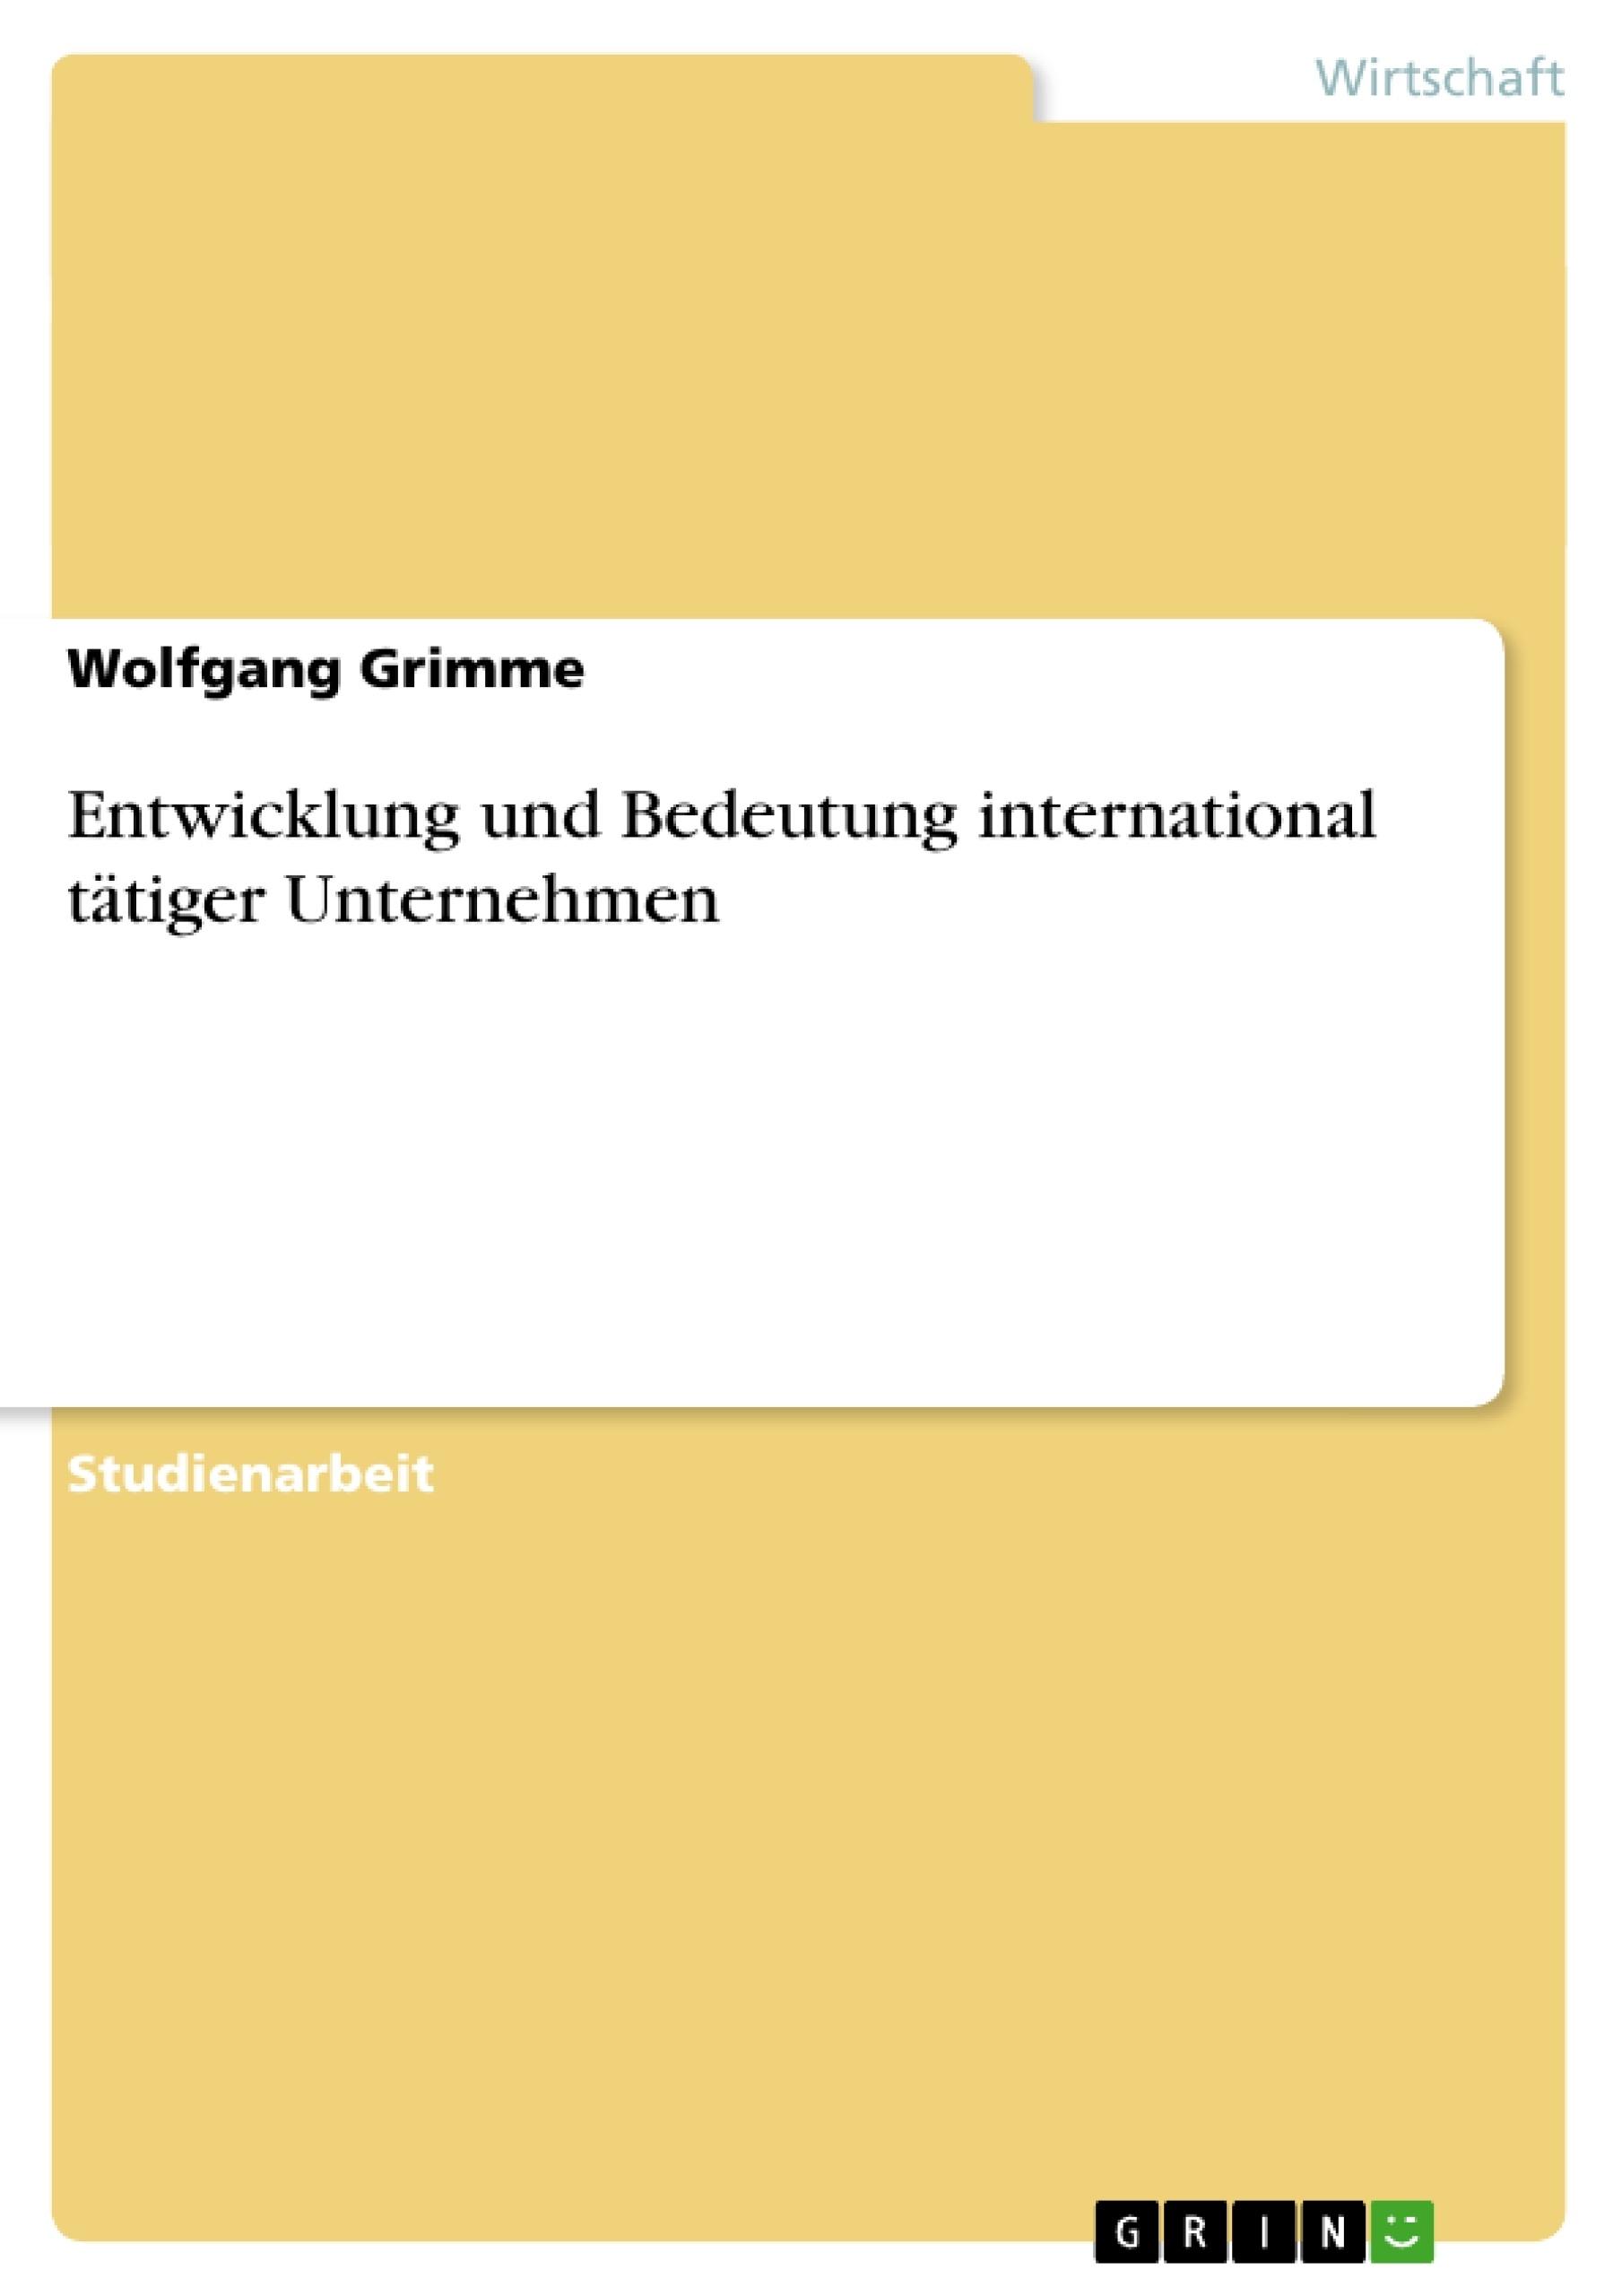 Titel: Entwicklung und Bedeutung international tätiger Unternehmen